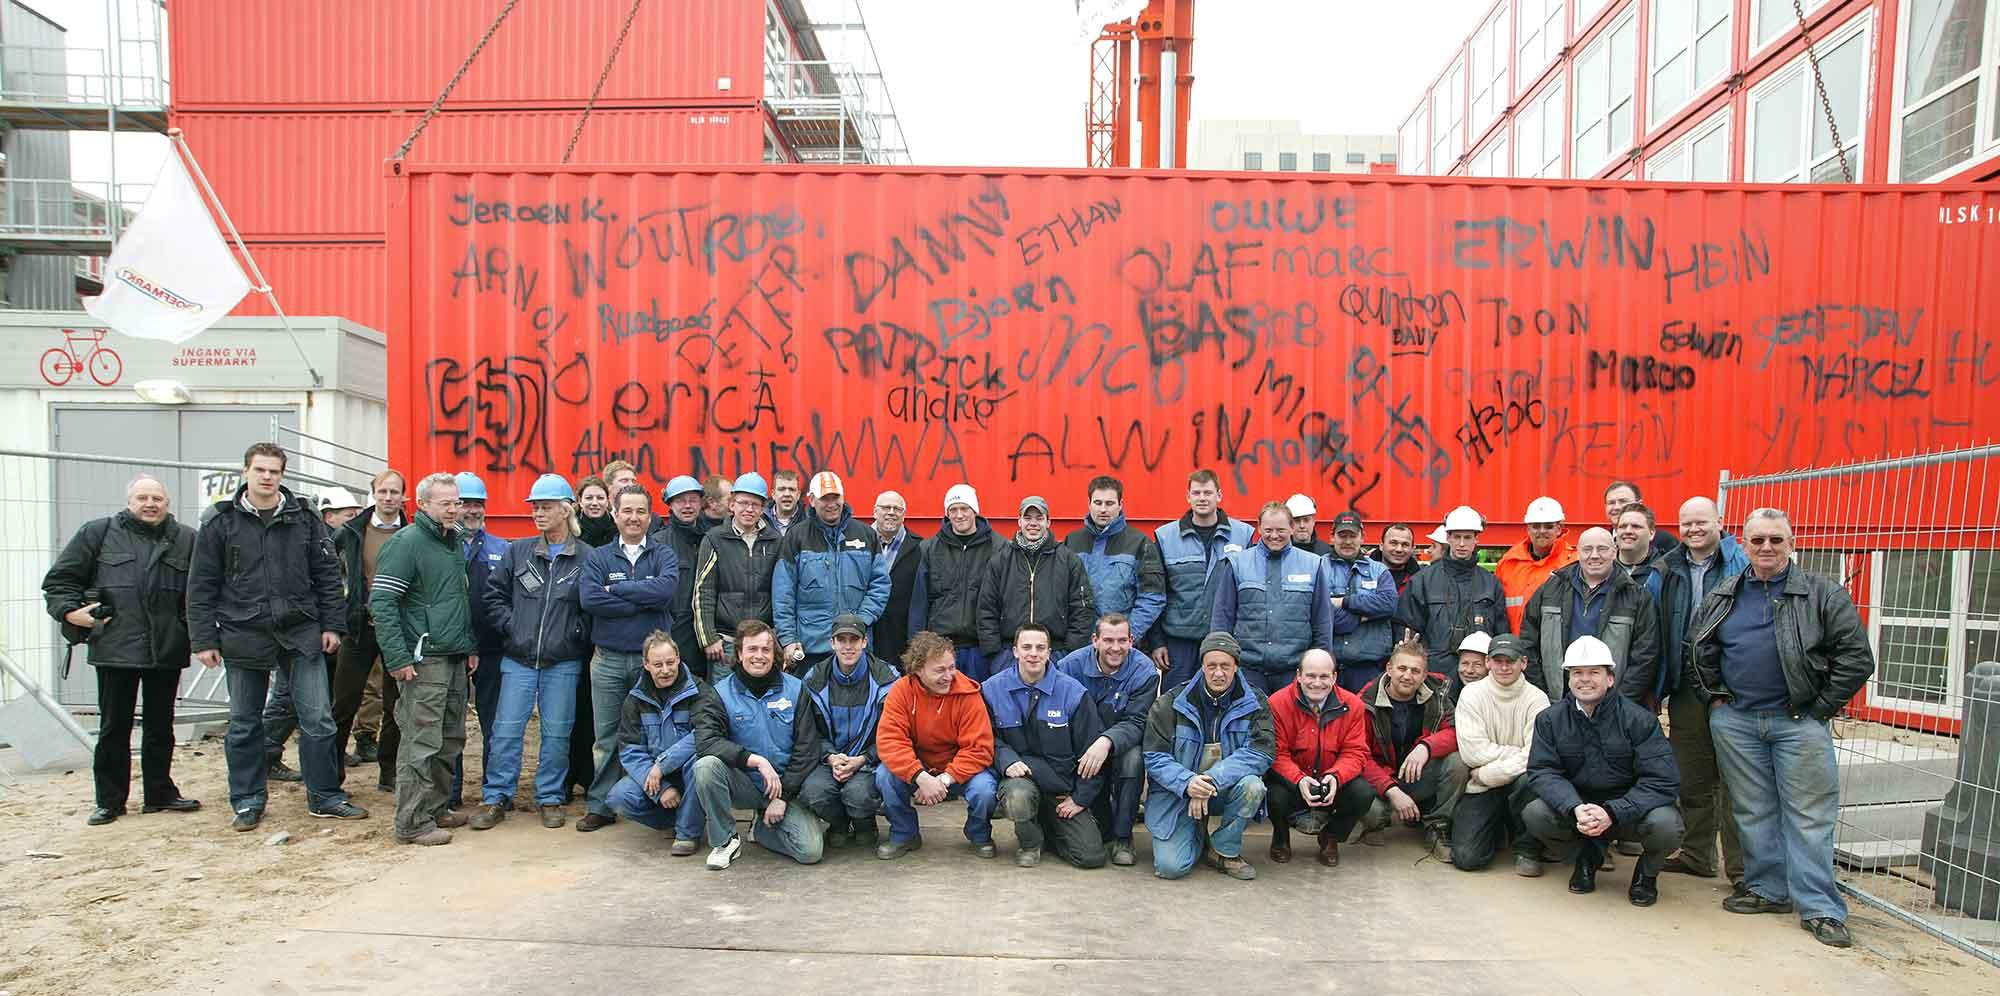 crew Tempohousing